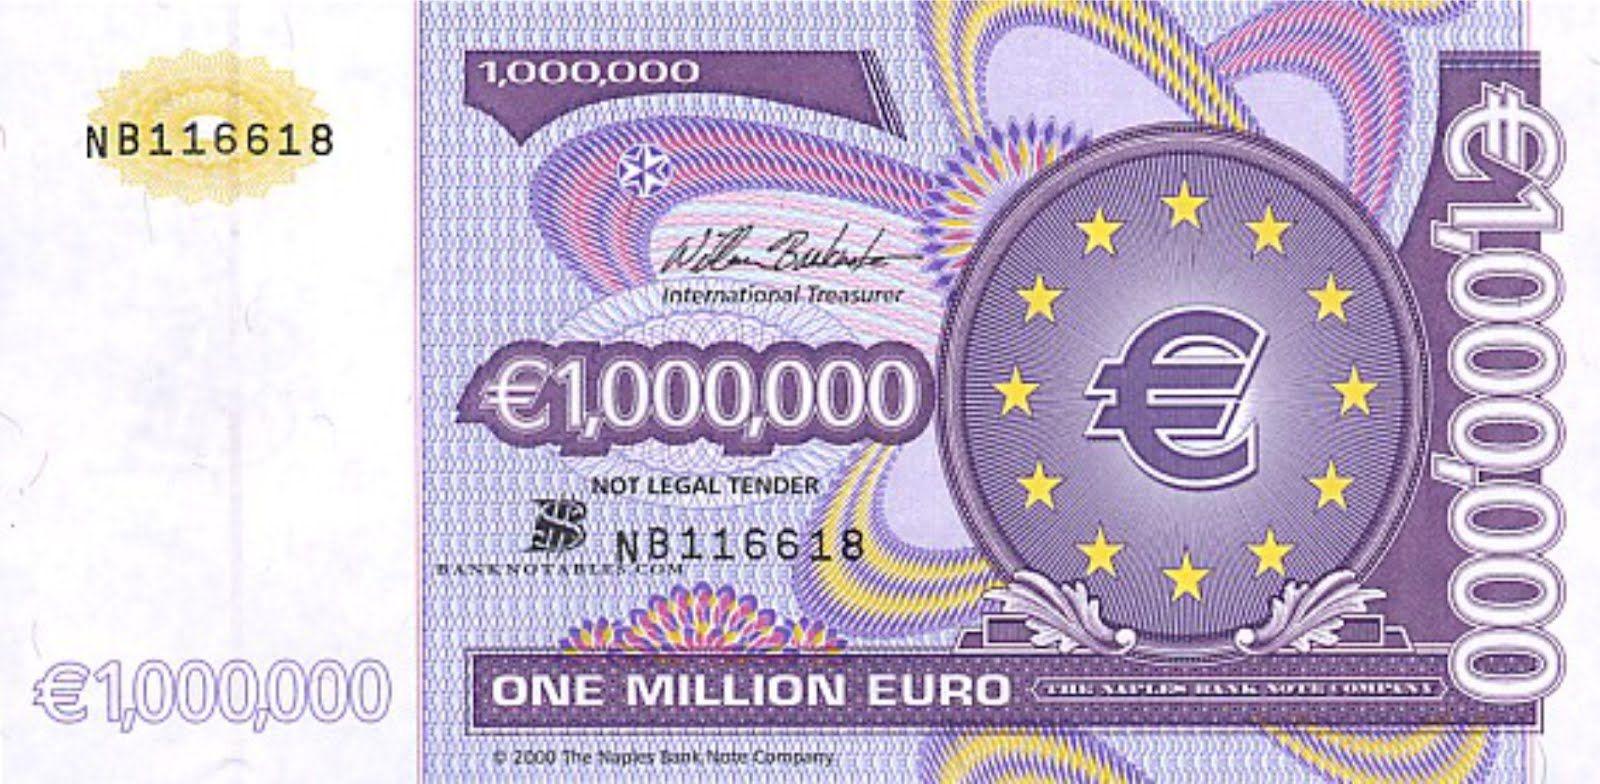 1 Million Euro Note Obverse